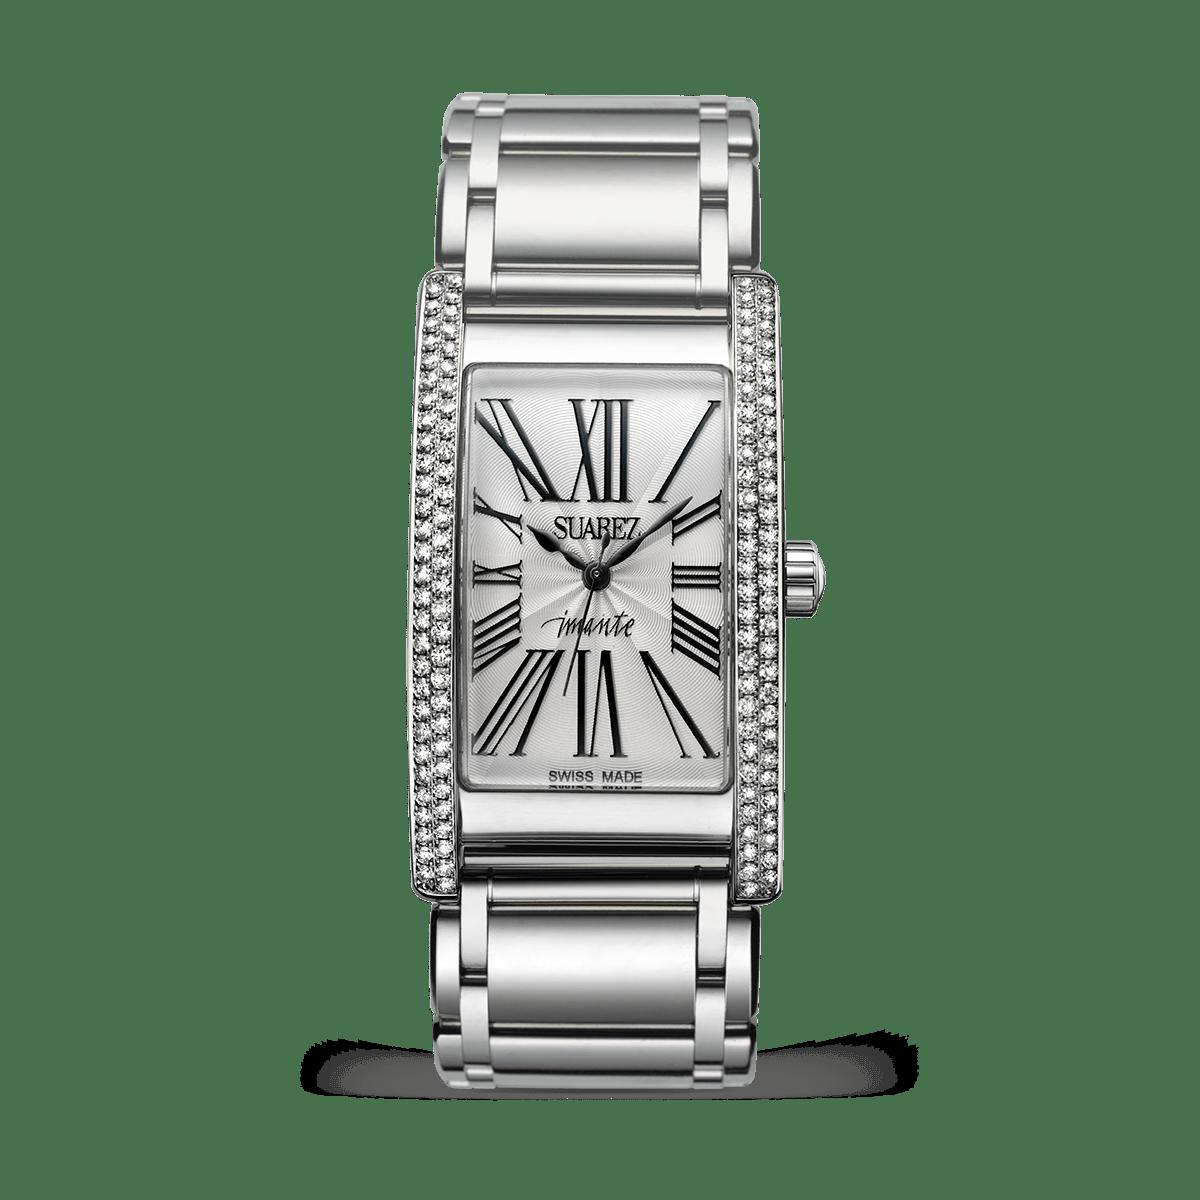 Relojes mujer joyeria suarez